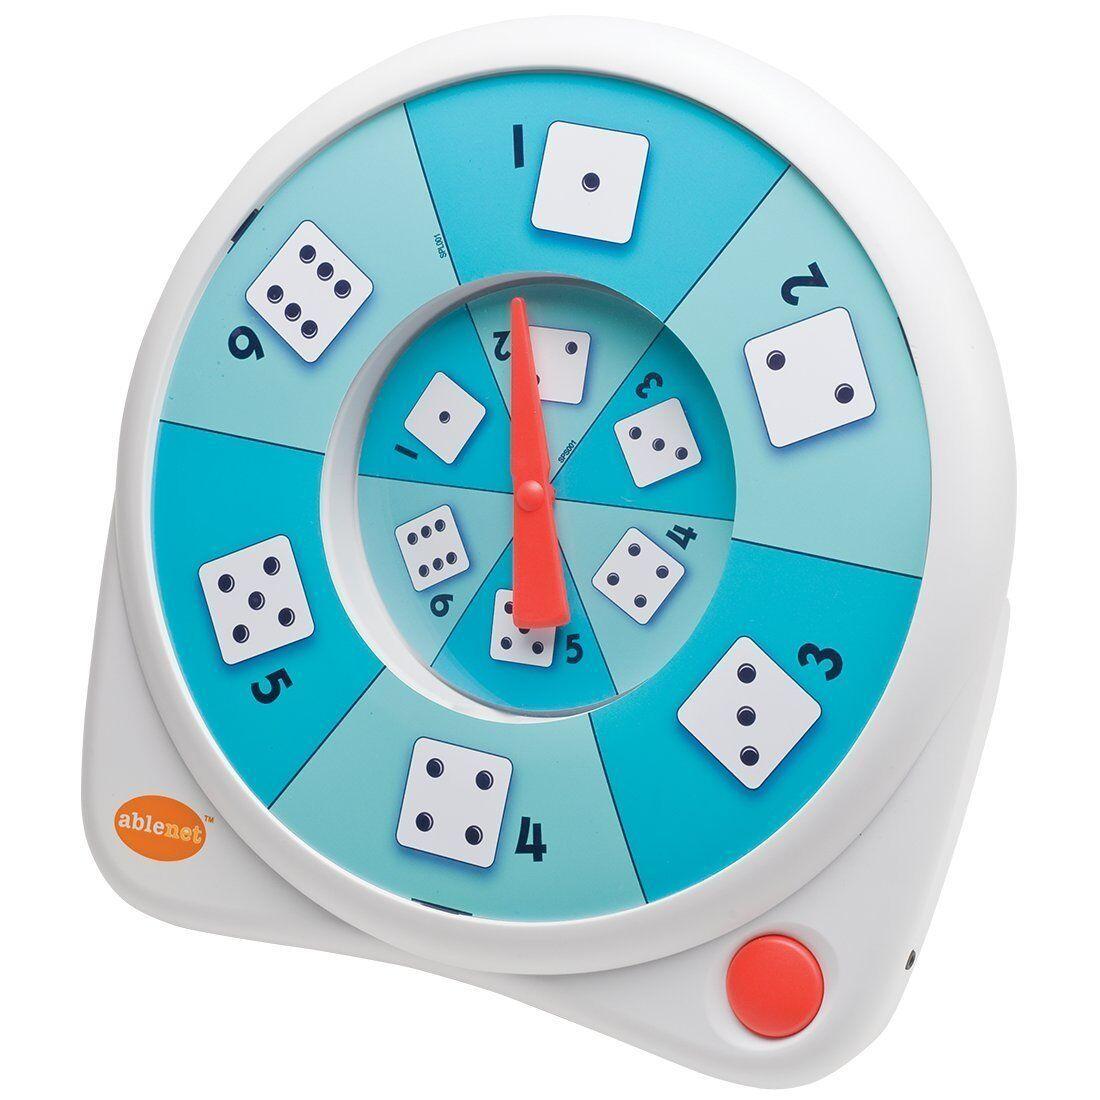 AbleNet All -Turn -it Spinner för att välja grupper eller spela spel 1007003